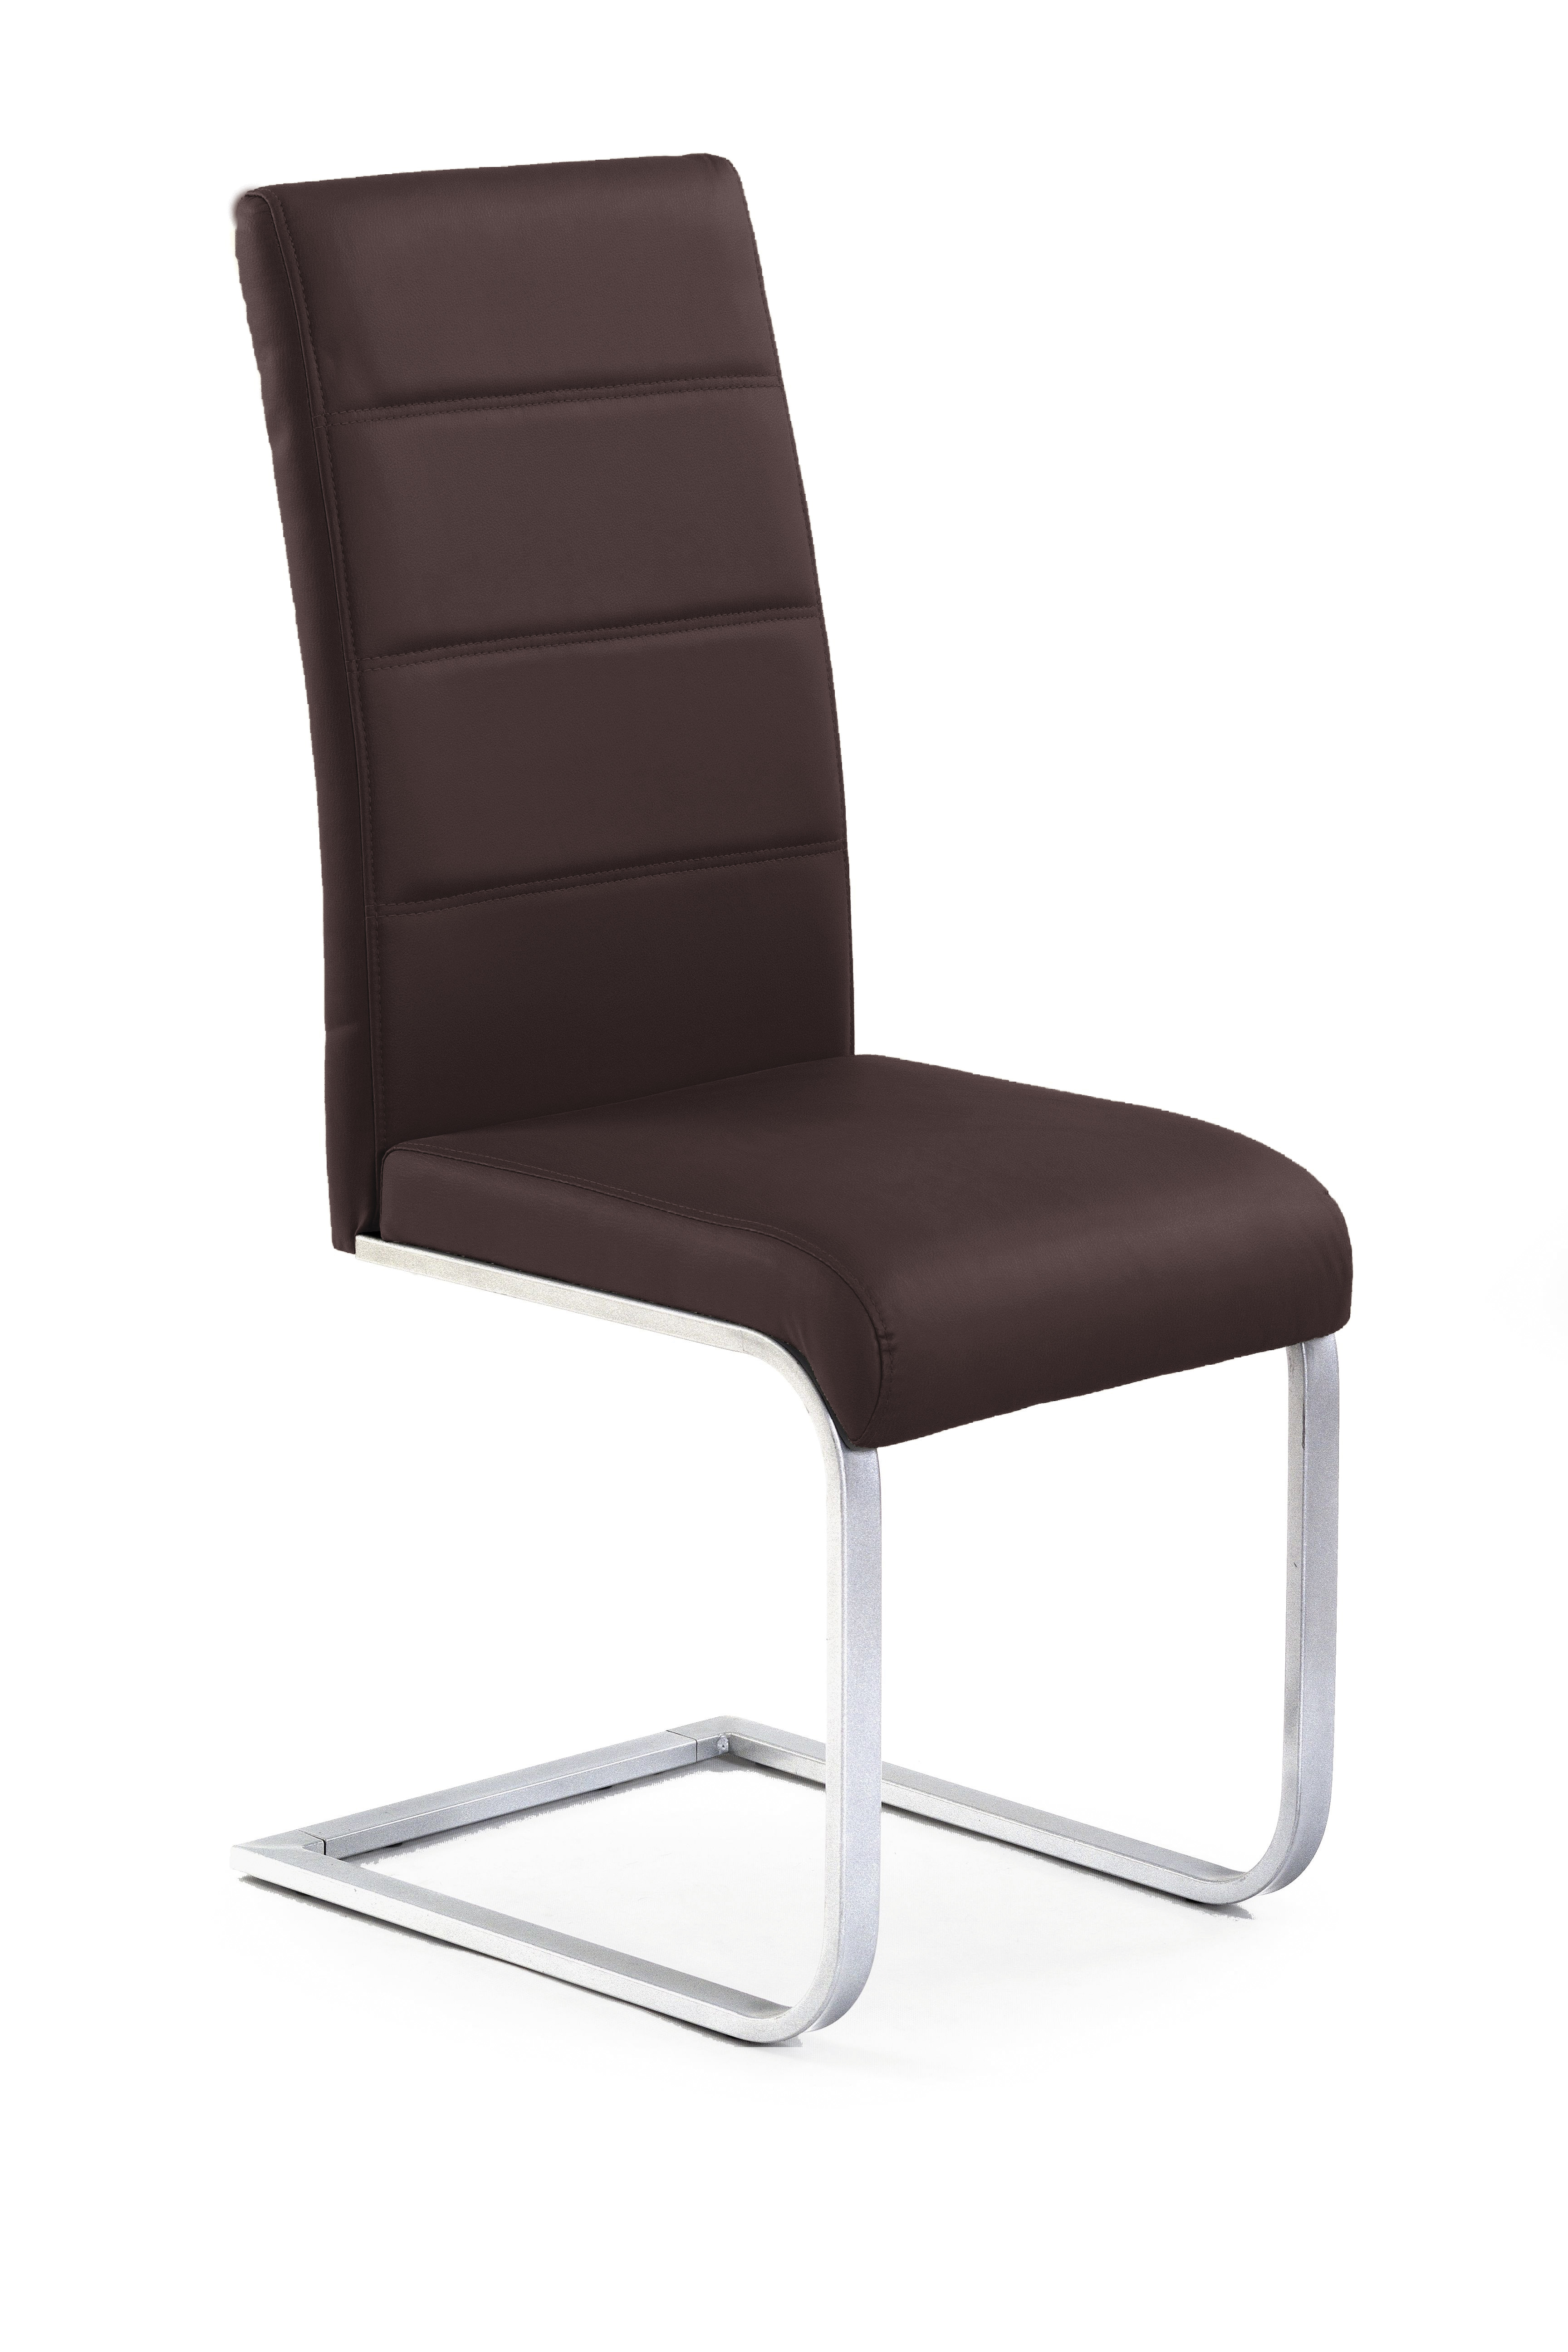 Jídelní židle - Halmar - K85 (hnědá)